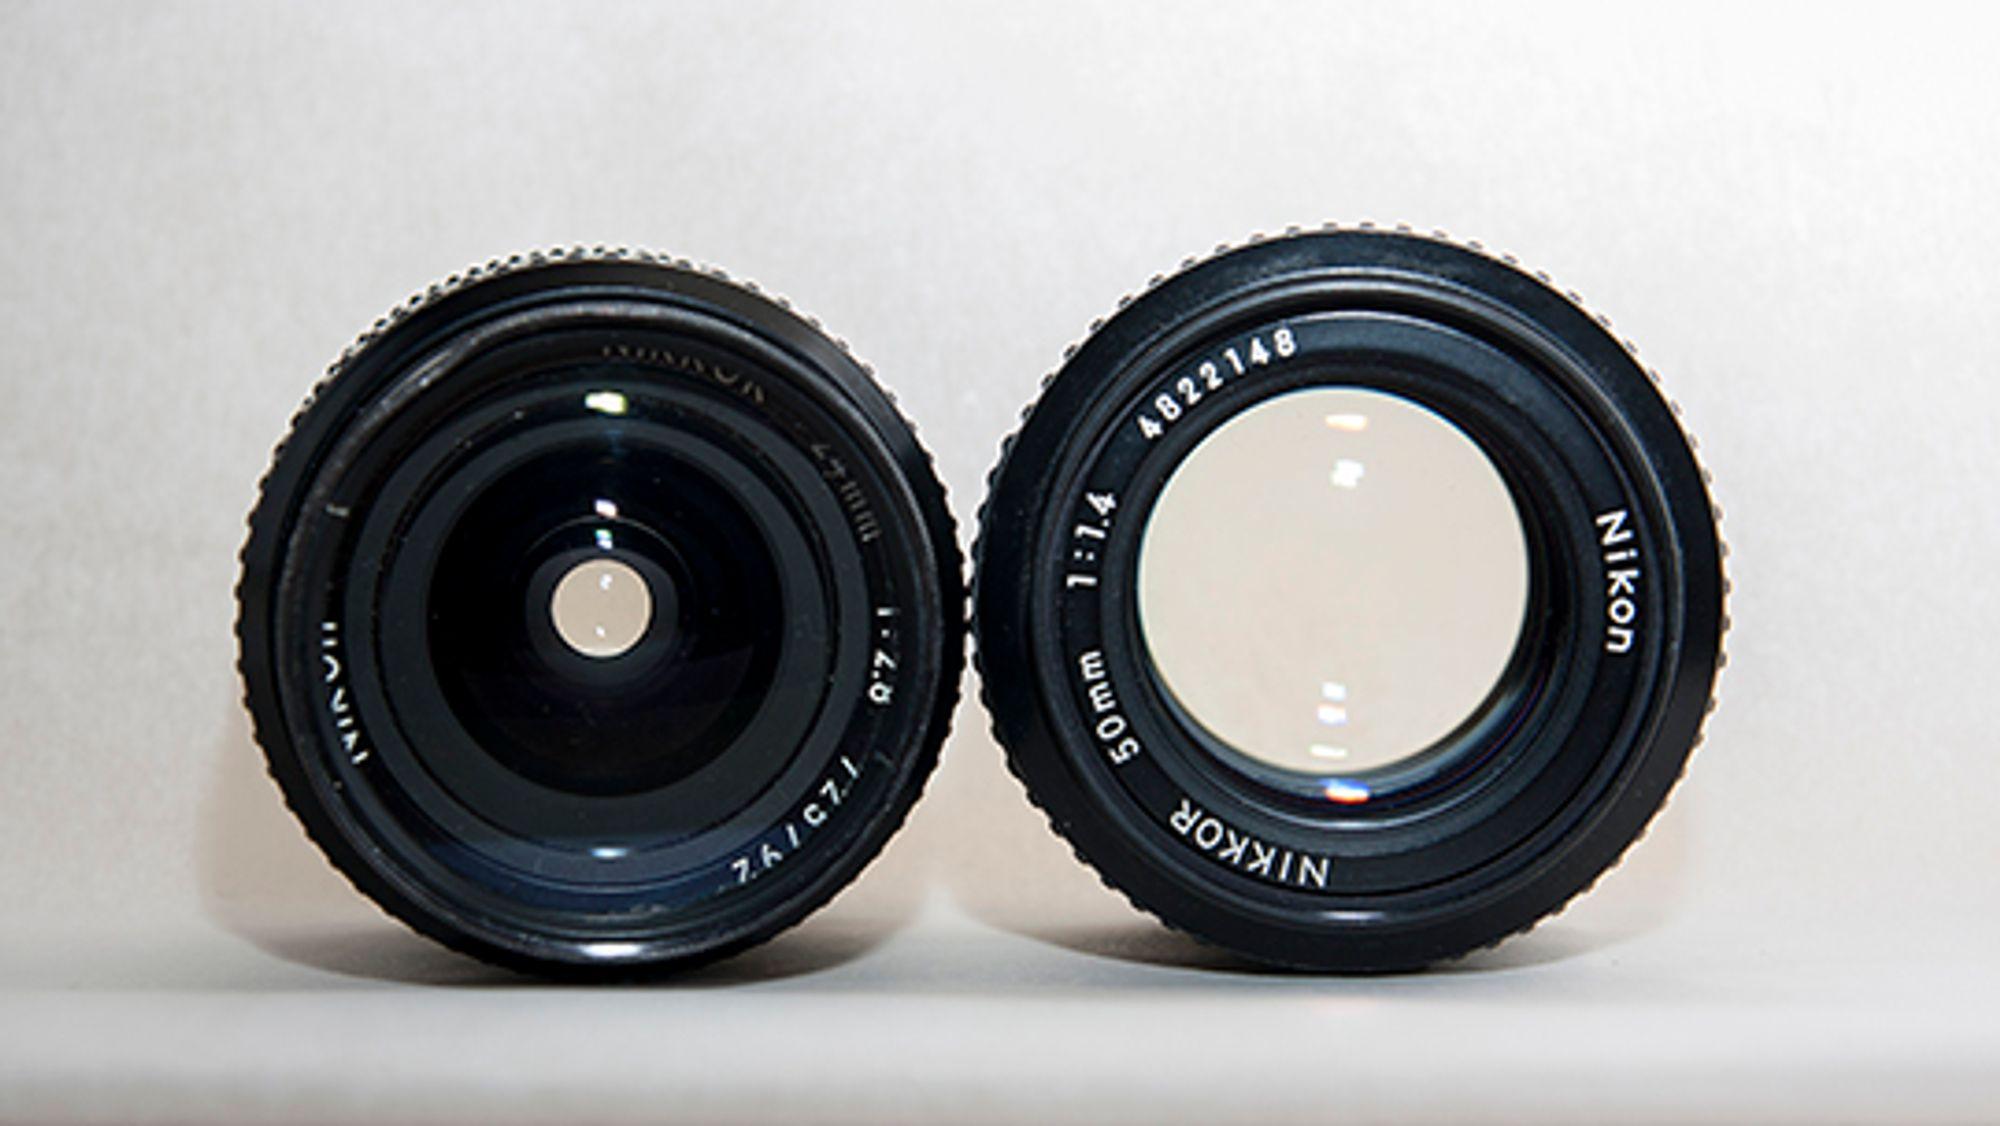 På disse årgangsobjektivene med manuel blender synes forskjellen på 2.8 og 1.4 svært godt. Fra venstre: Nikon 28mm f2.8, Nikon 50mm f1.4.